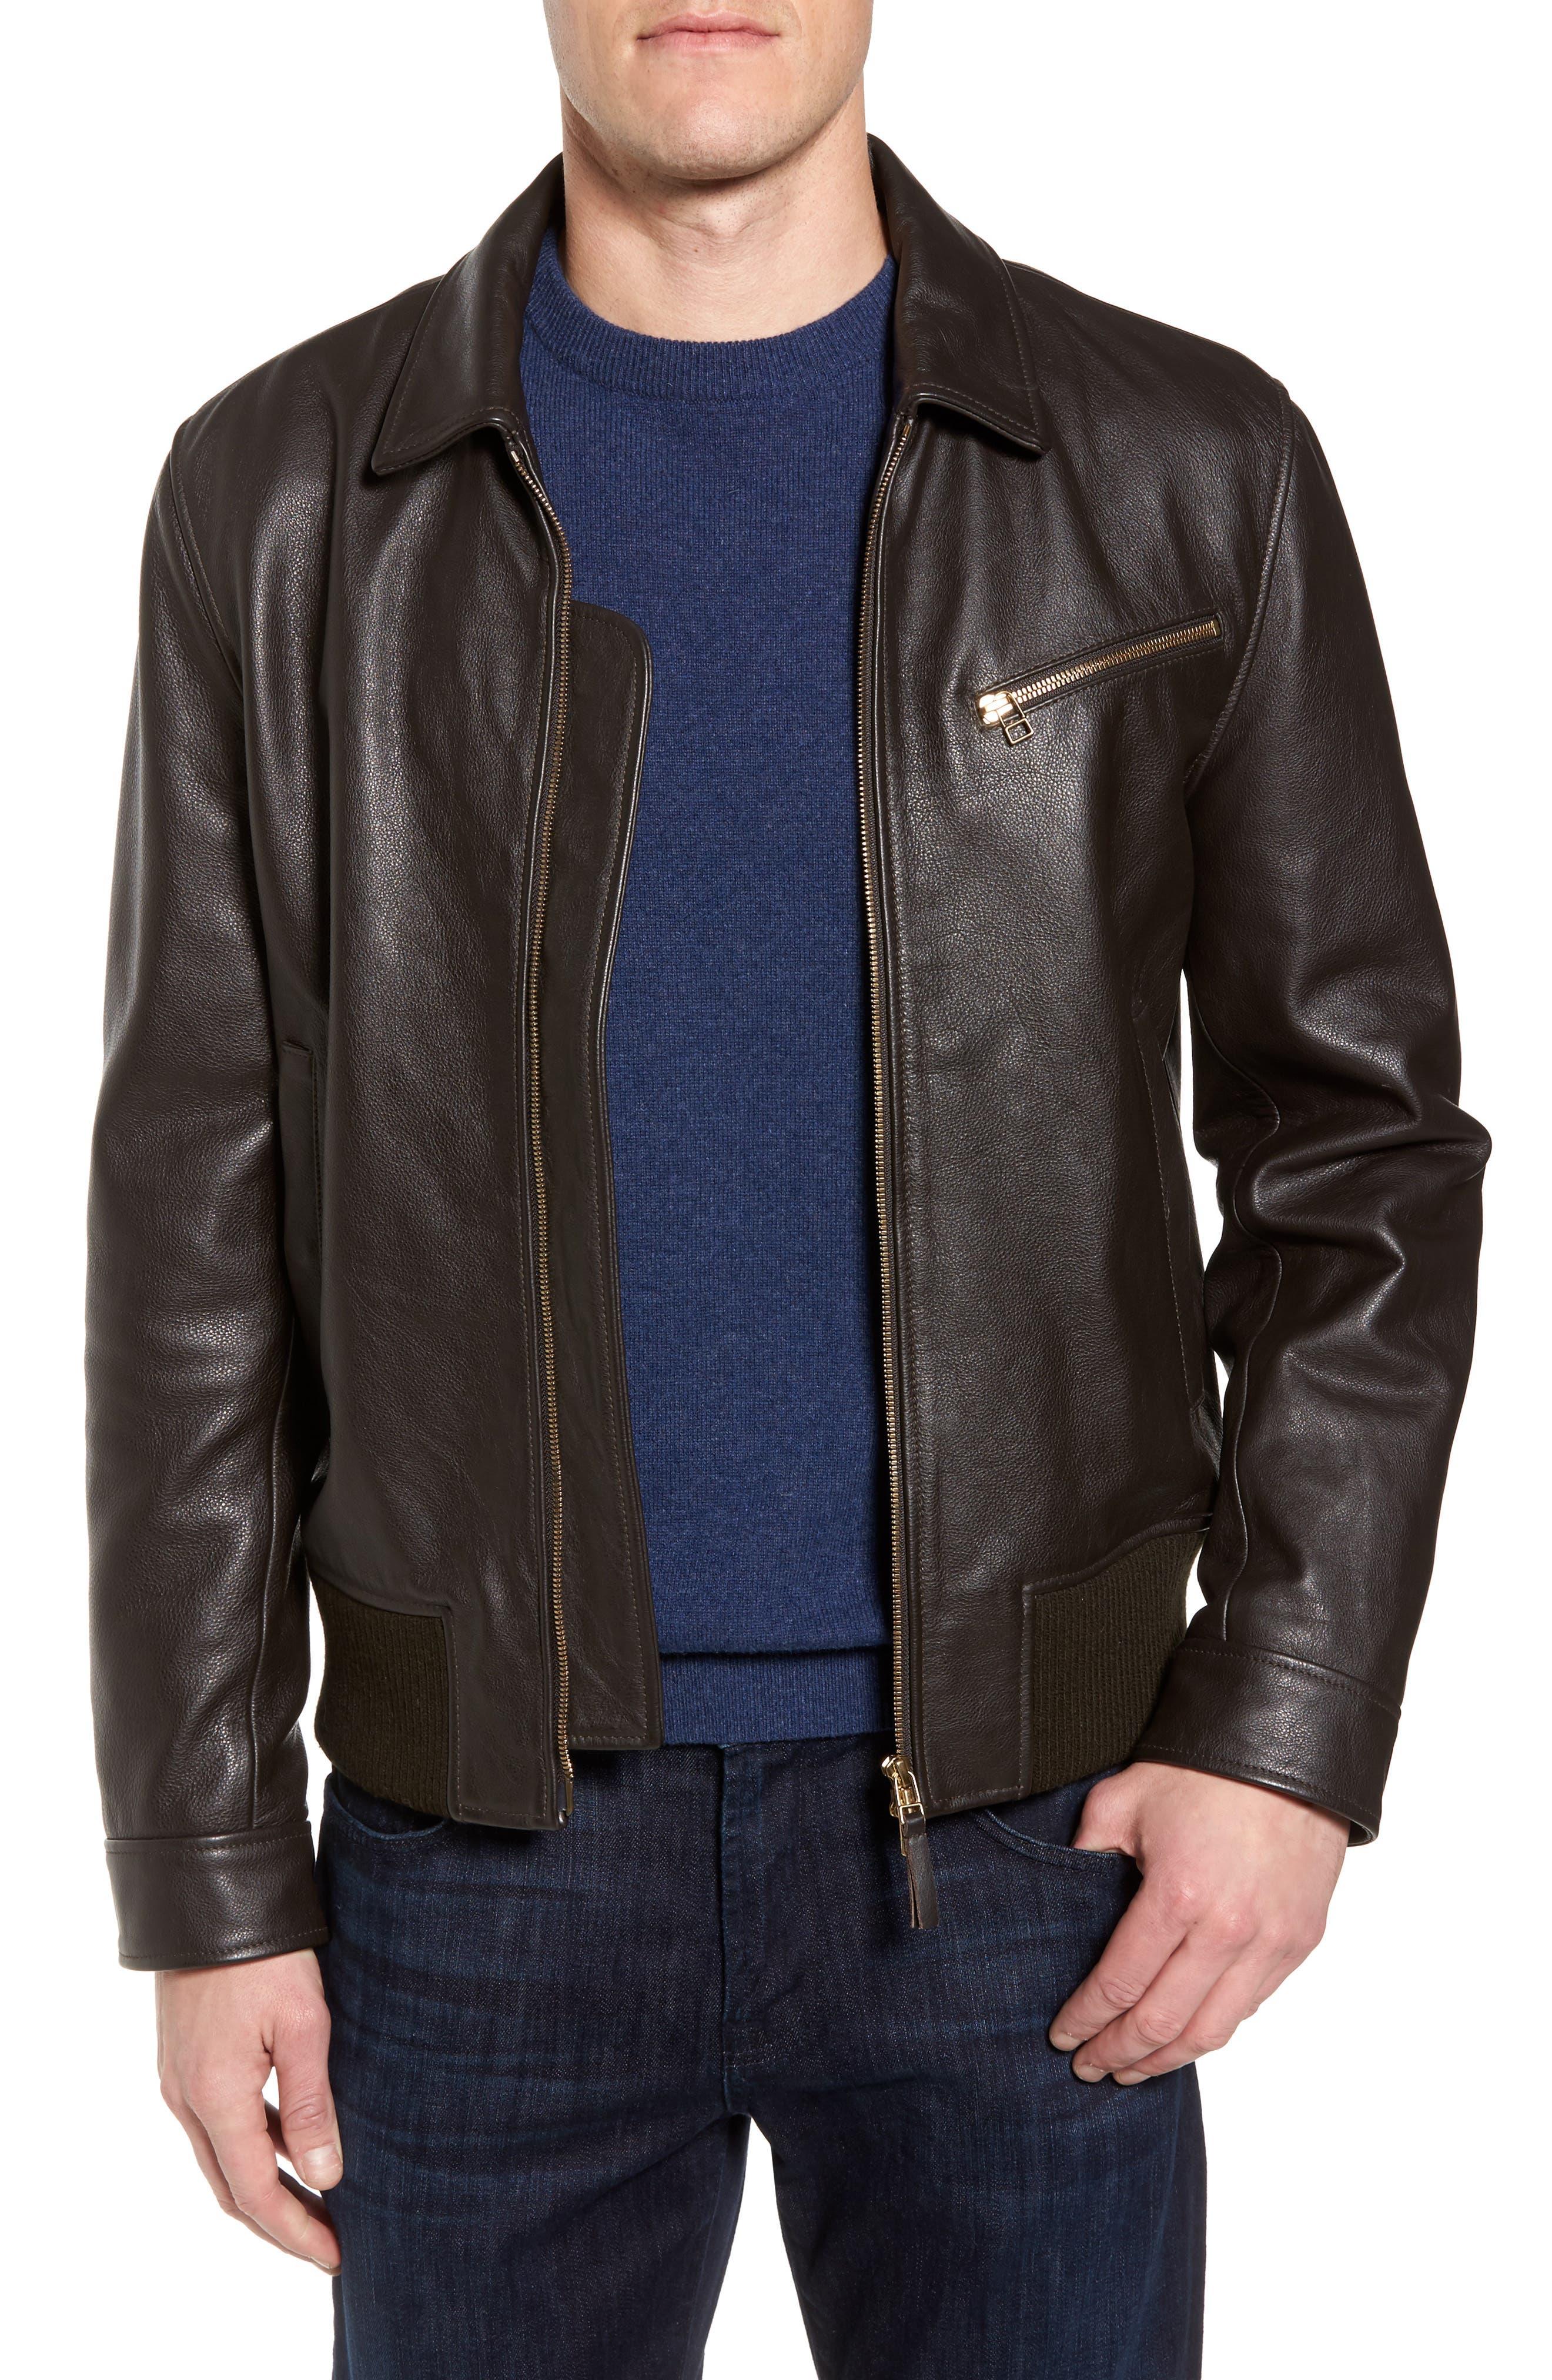 Bonobos Year Round Leather Jacket